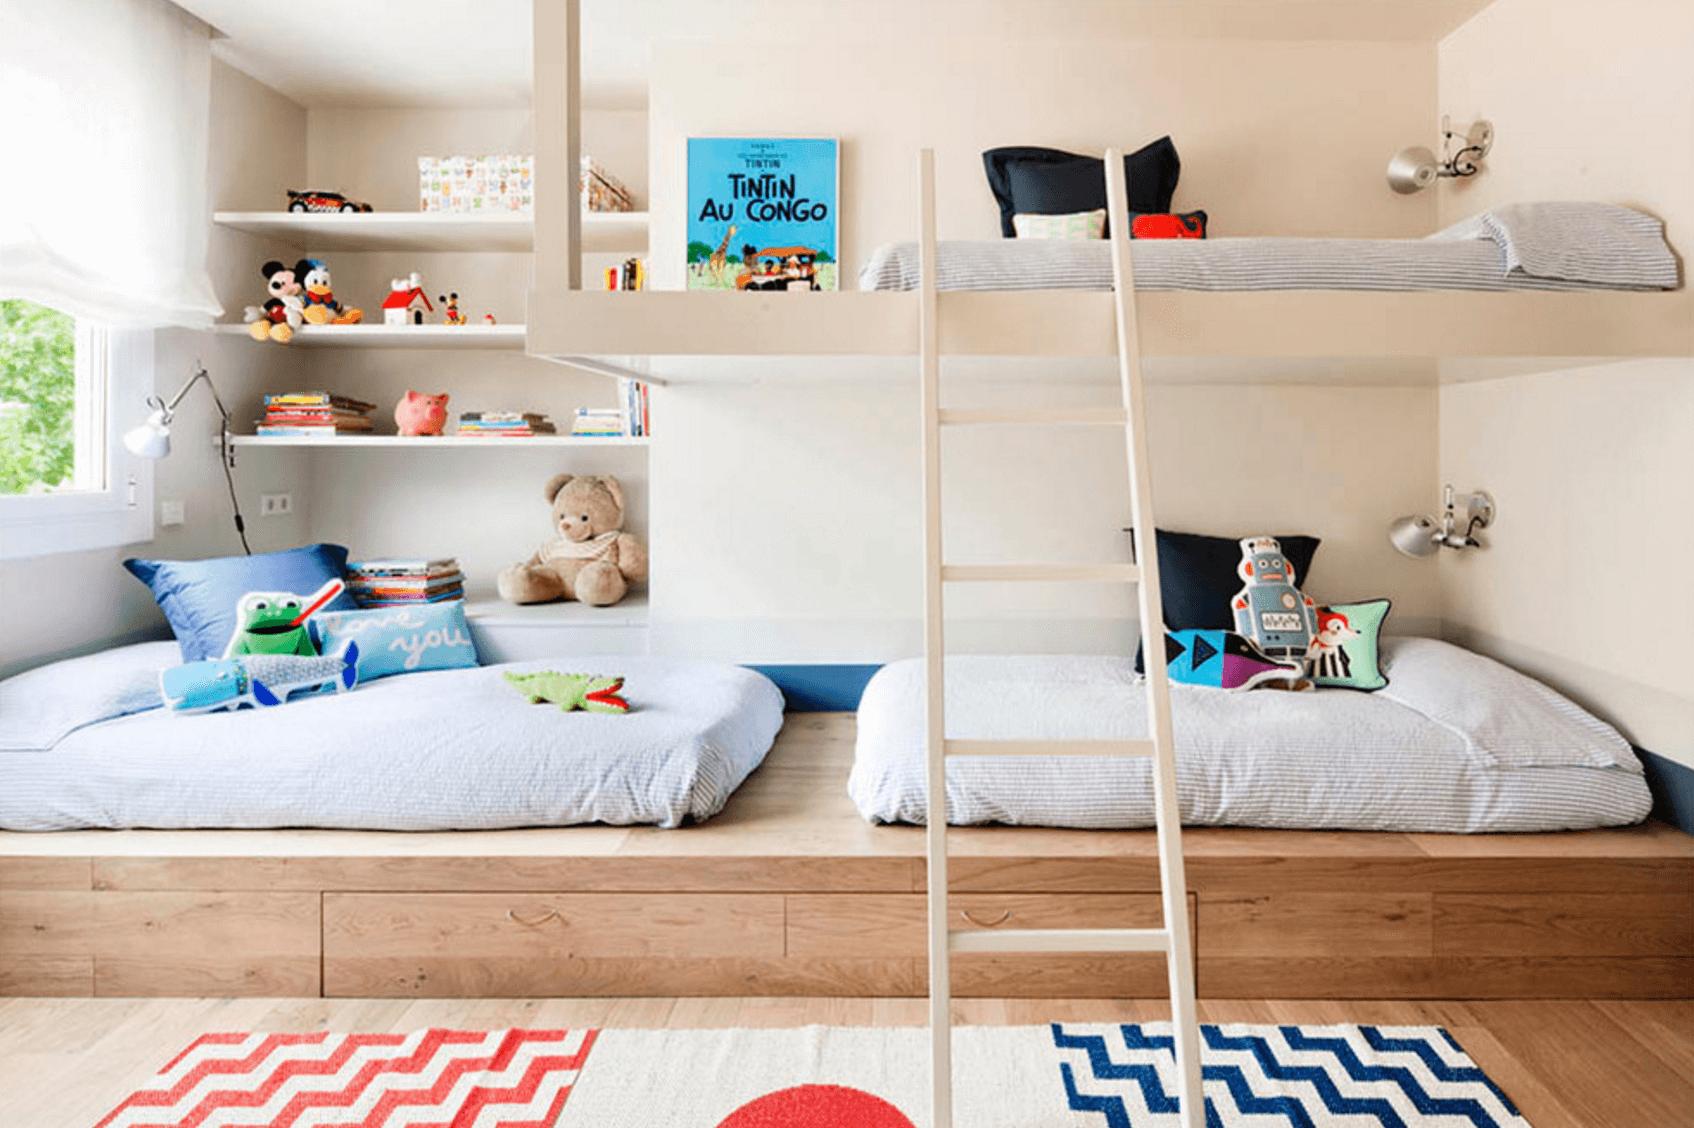 Giường tầng trong thiết kế nội thất là sự kết hợp một cách vui vẻ giữa công năng sử dụng và giải pháp tiết kiệm không gian tối đa cho phòng ngủ